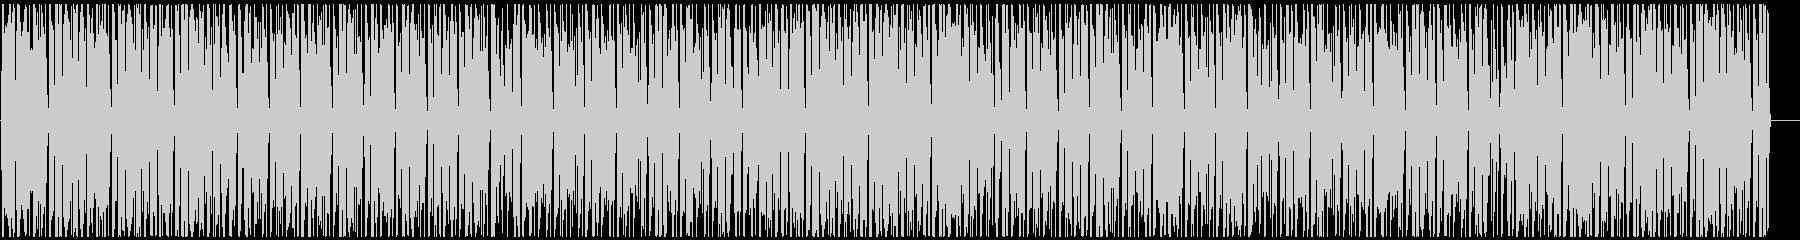 明るく賑やかなアフロビート レゲエ の未再生の波形